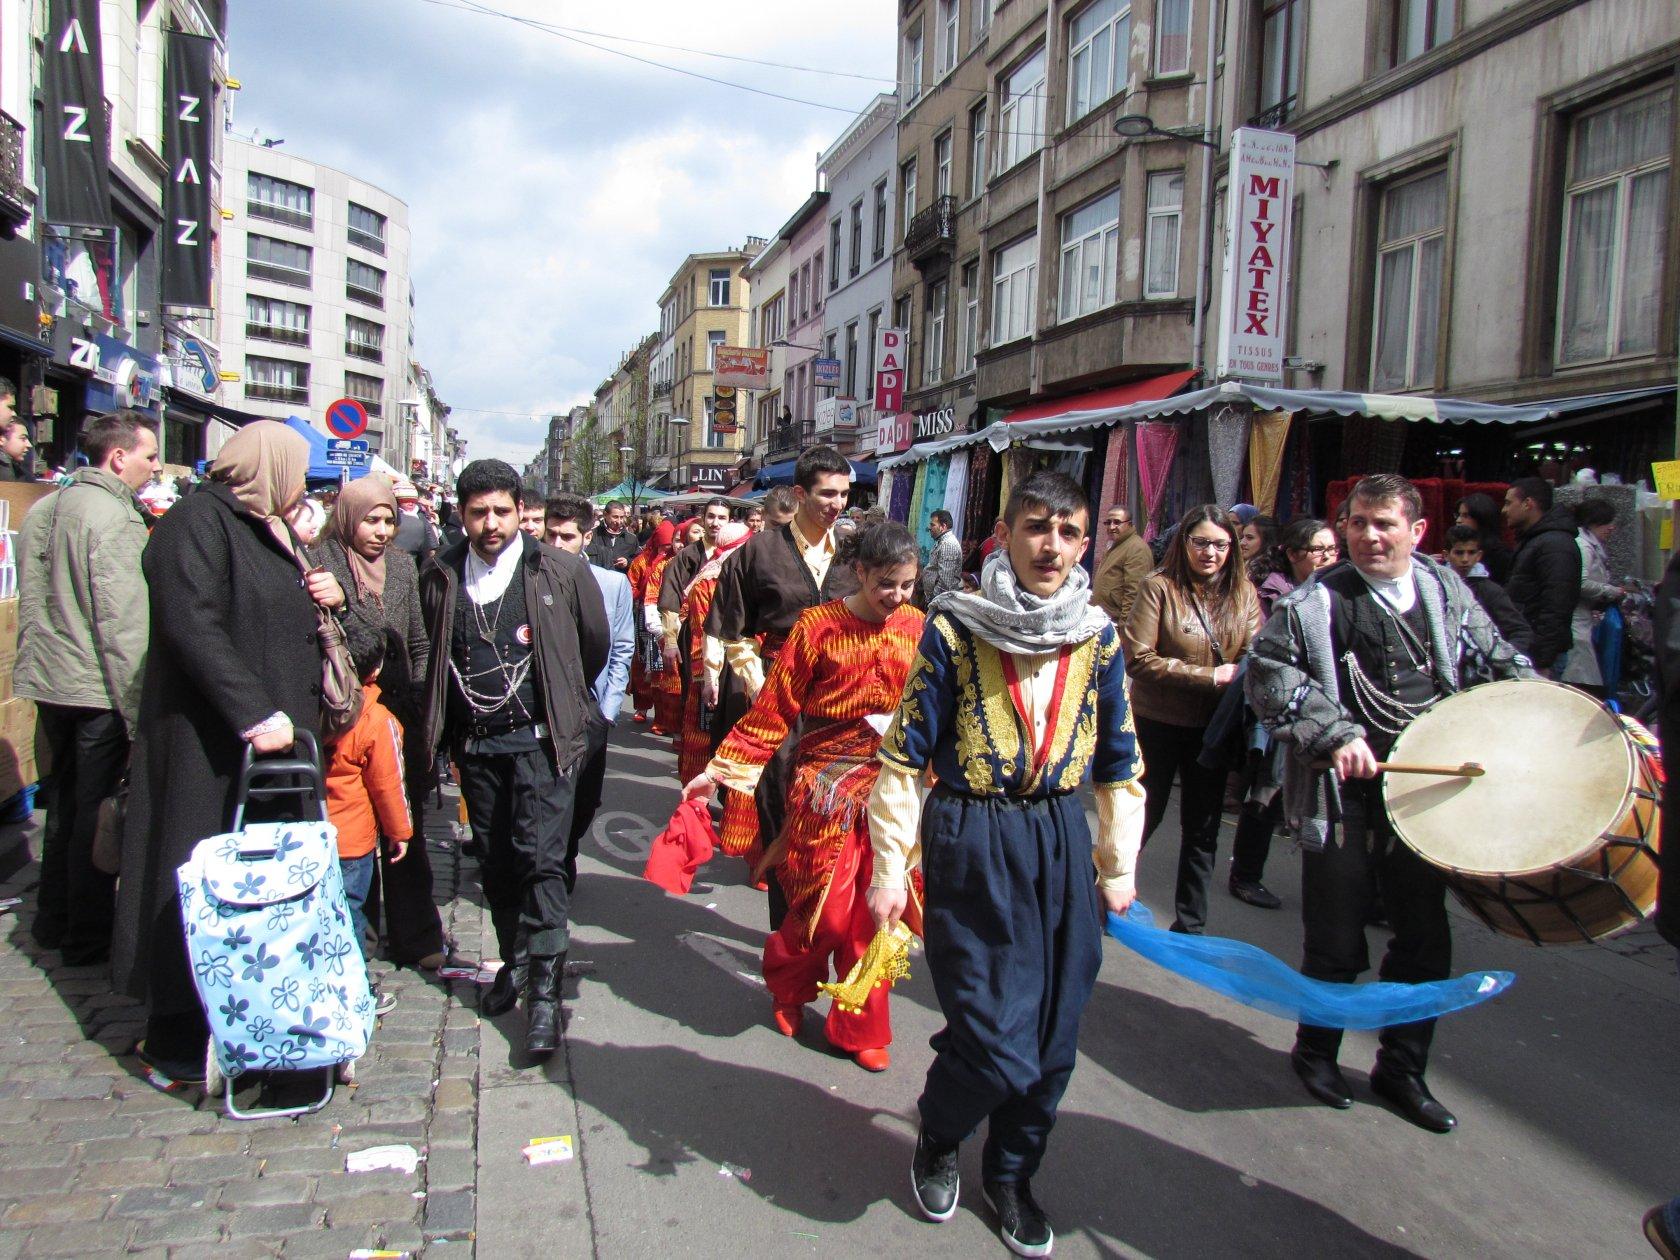 Grande Journée Des Commerçants avril 2012